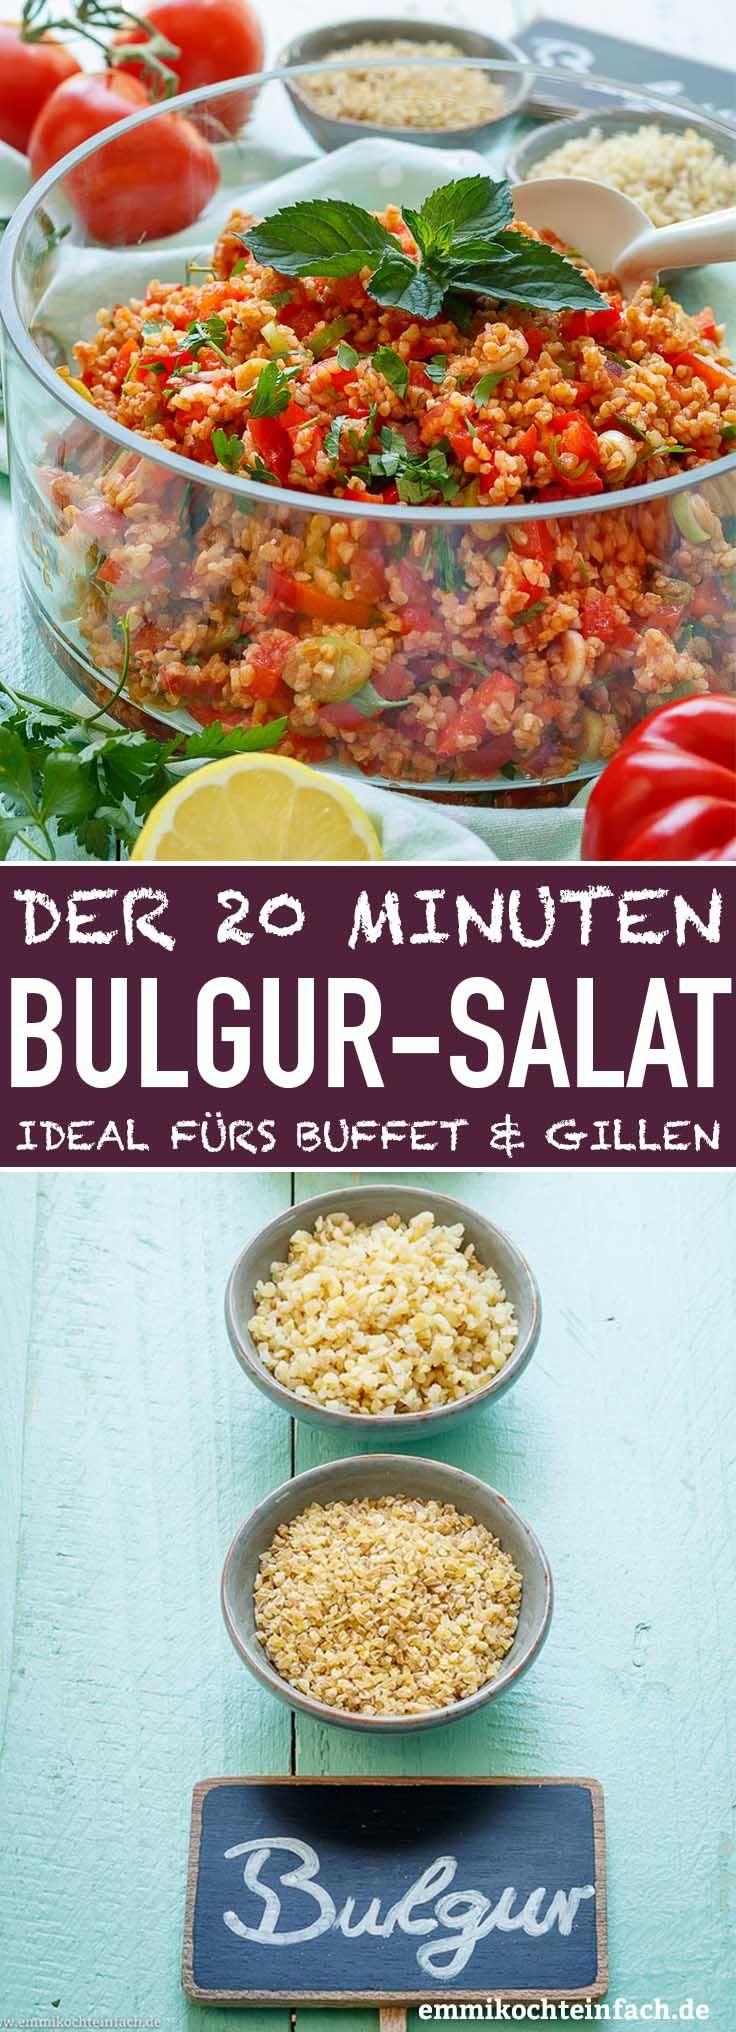 Schneller und einfacher Bulgursalat Ein toller Sommersalat in nur 20 Minuten …   – emmikochteinfach – Der Food-Blog mit einfachen Rezepten, die gelingen